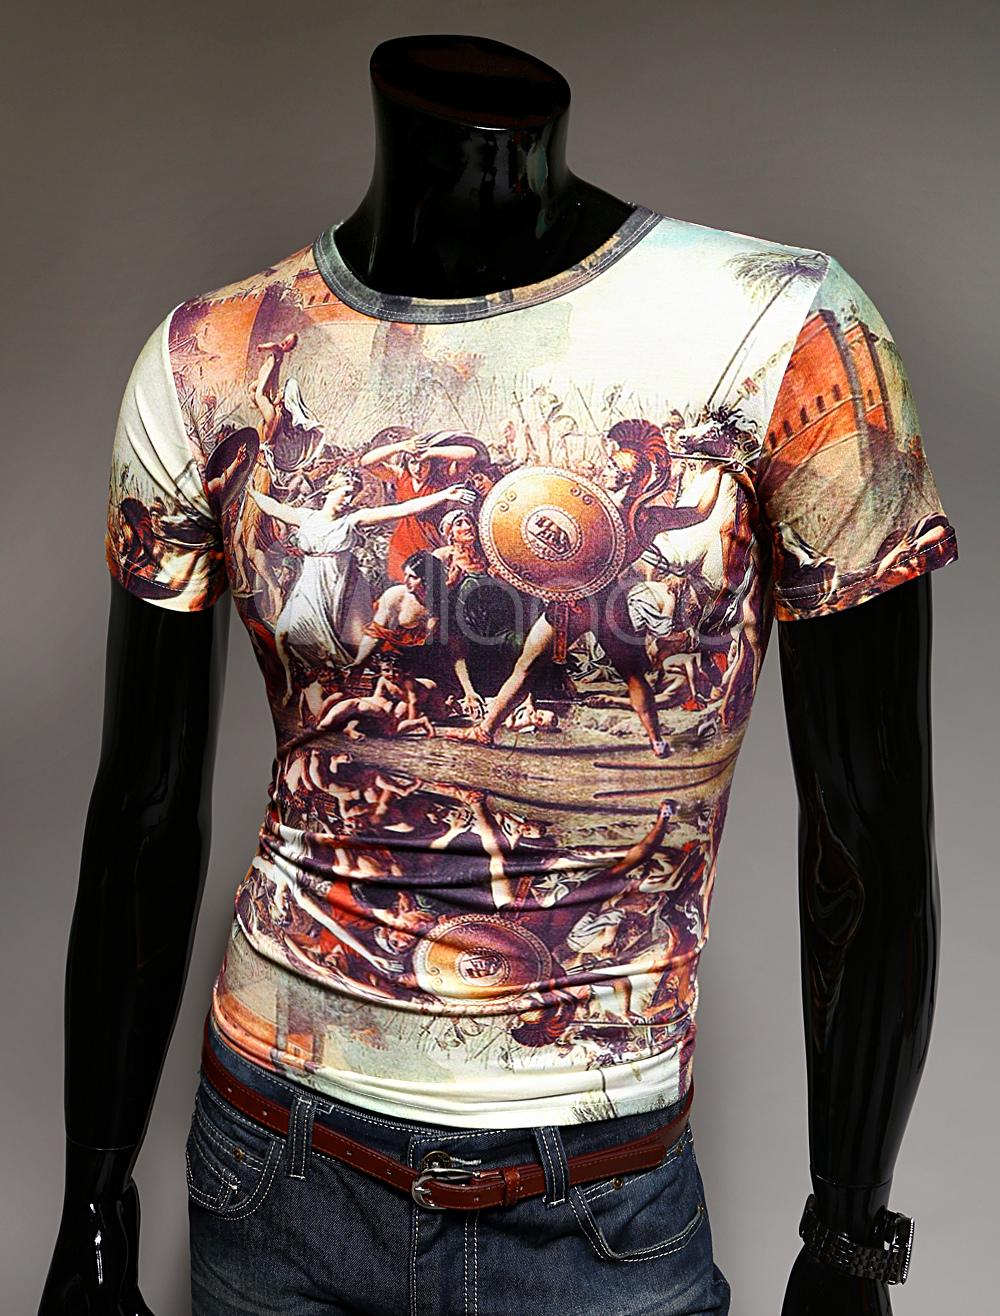 Shirt Multicolore Manches Homme Dessin De Tee Baroque 3d Imprimé sxQrthCd